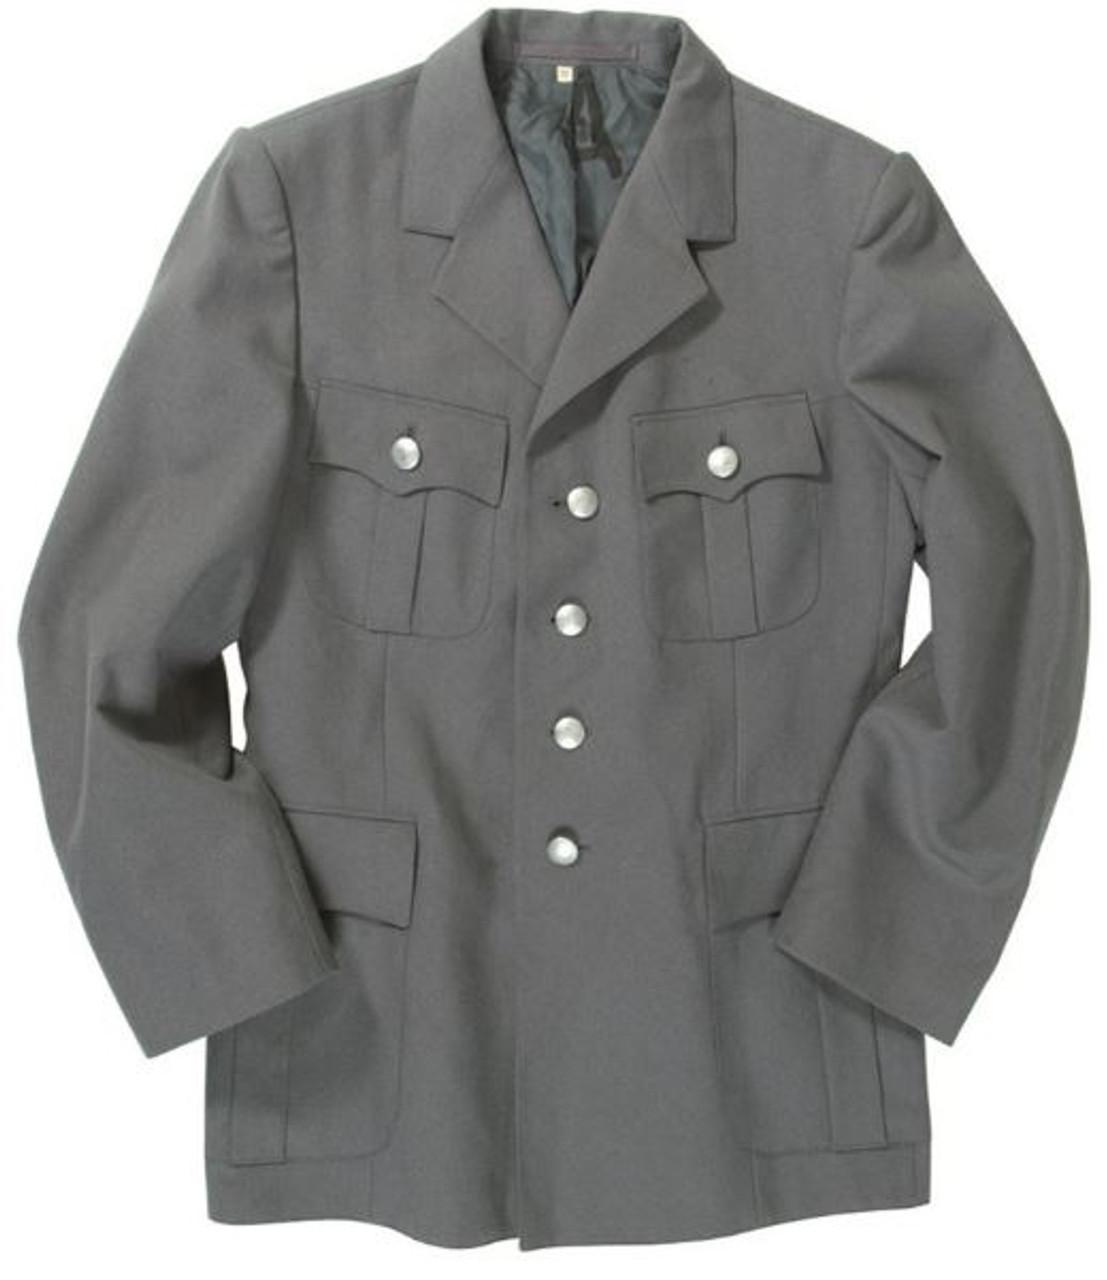 German Grey Army Uniform Jacket - Used from Hessen Surplus